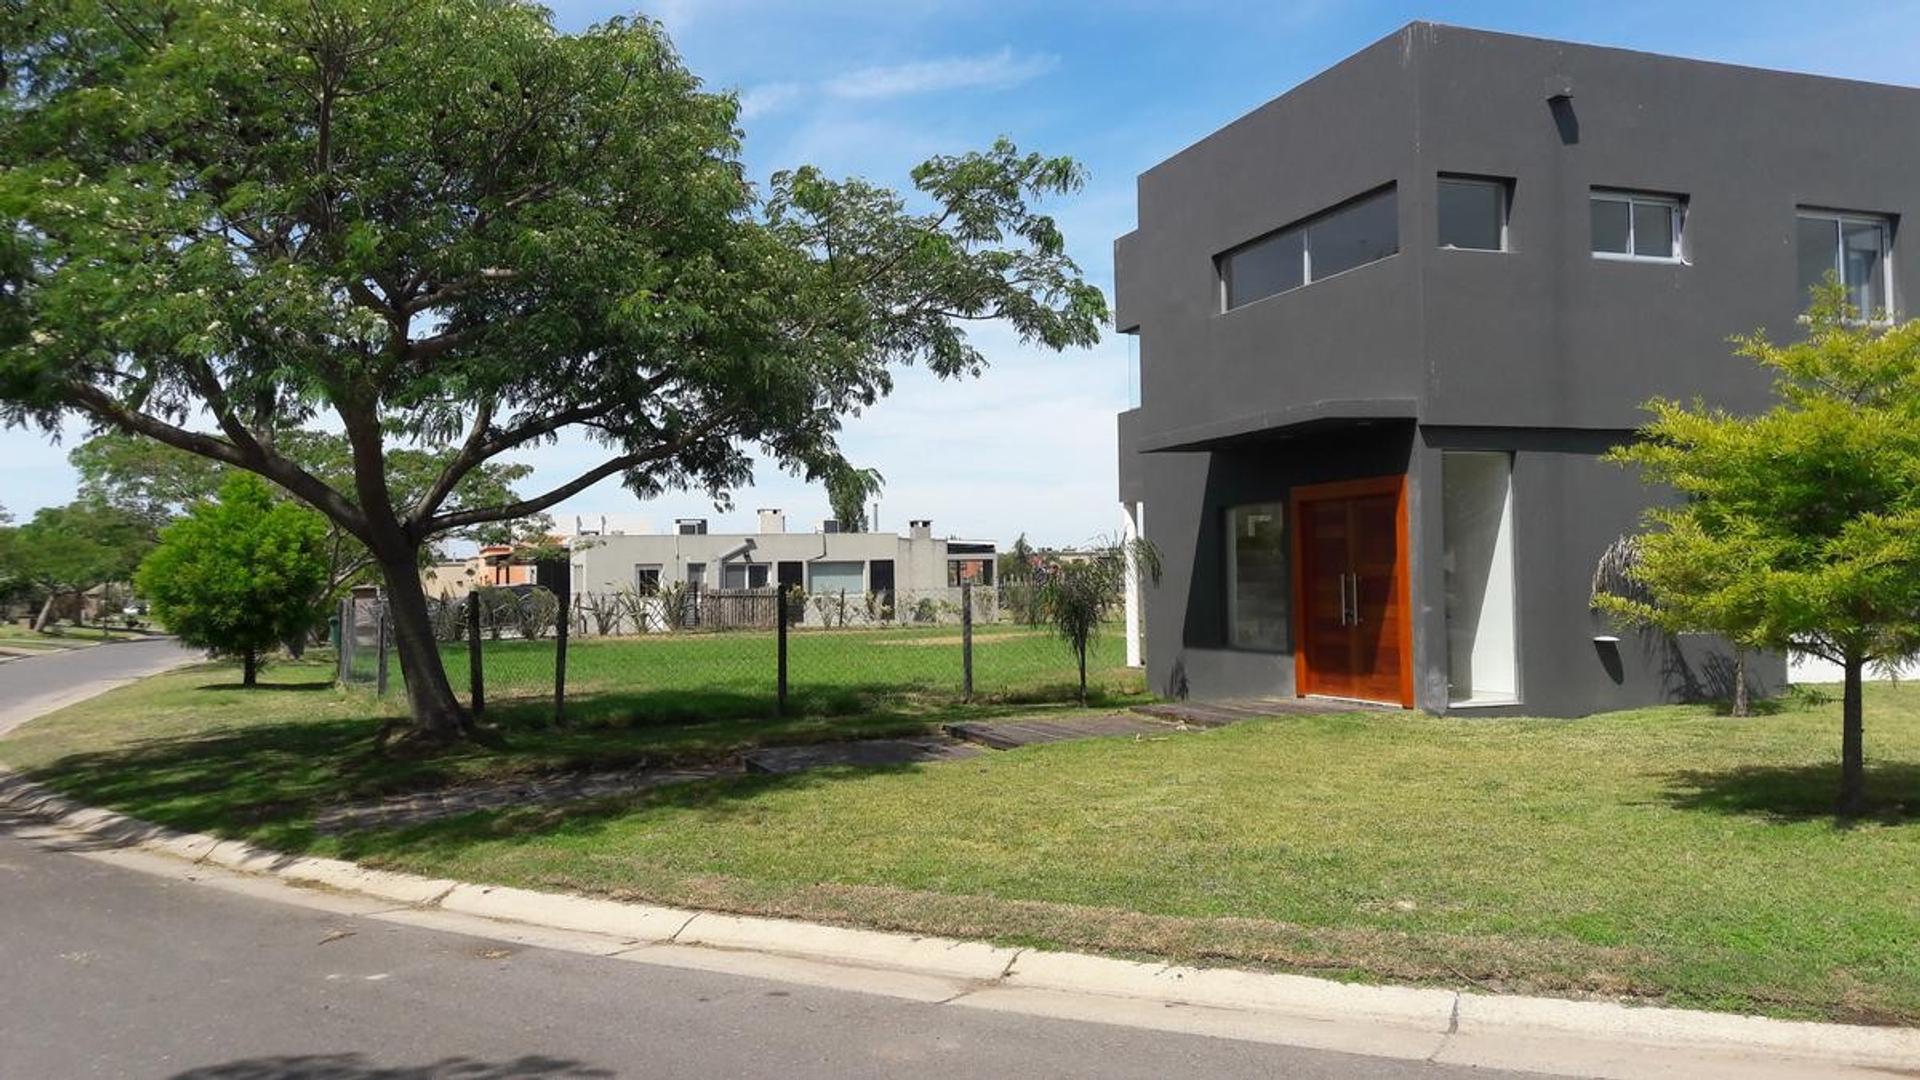 Casa en Venta / Alquiler - Barrio Cerrado San Marco, Villanueva